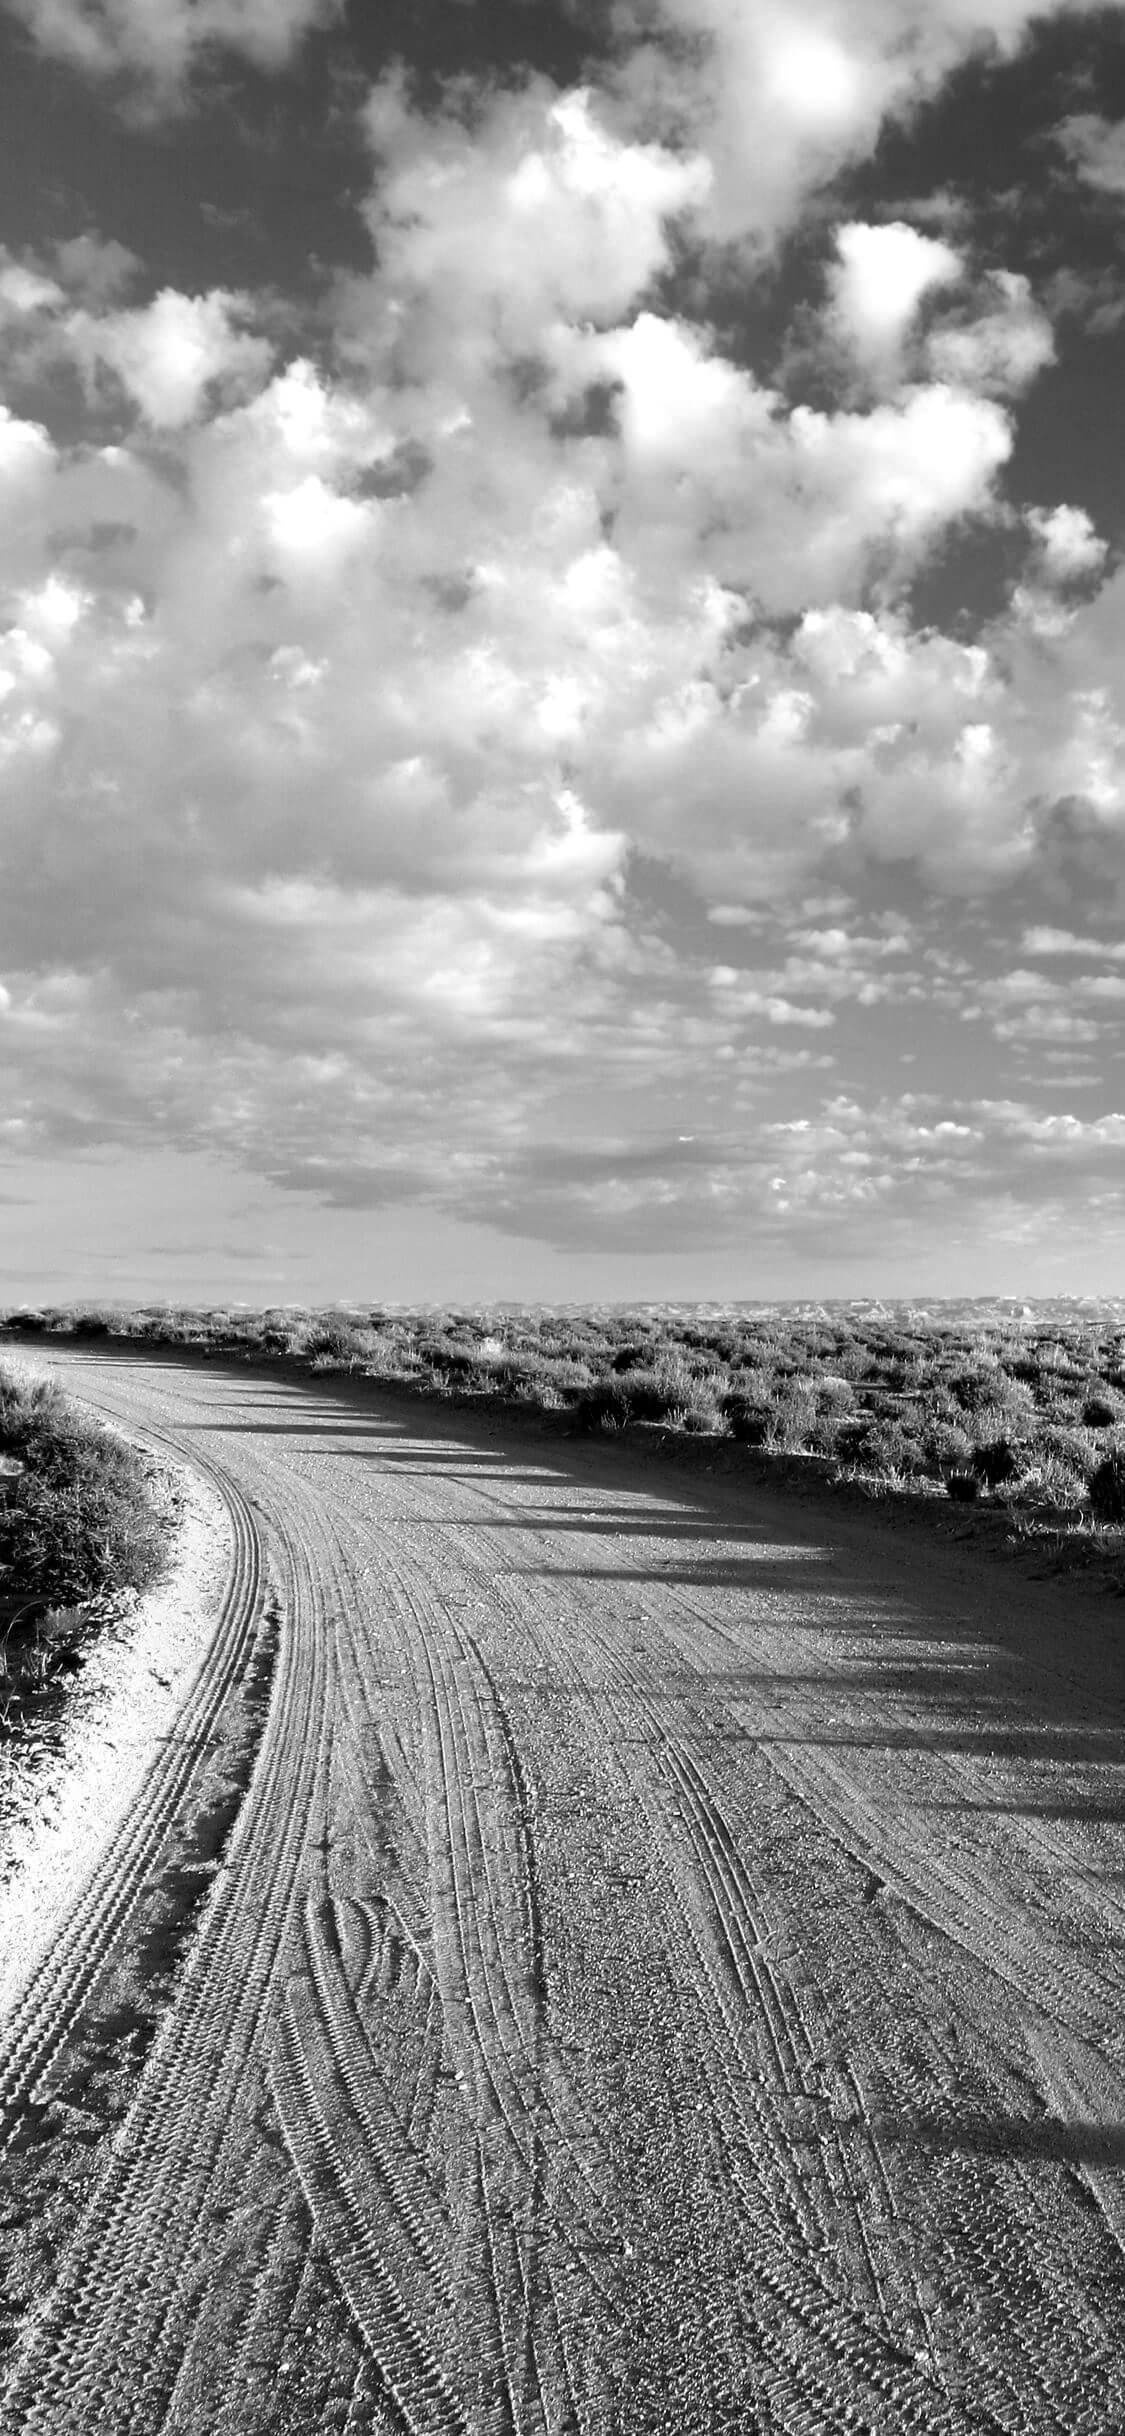 Hình nền đen trắng con đường và bầu trời